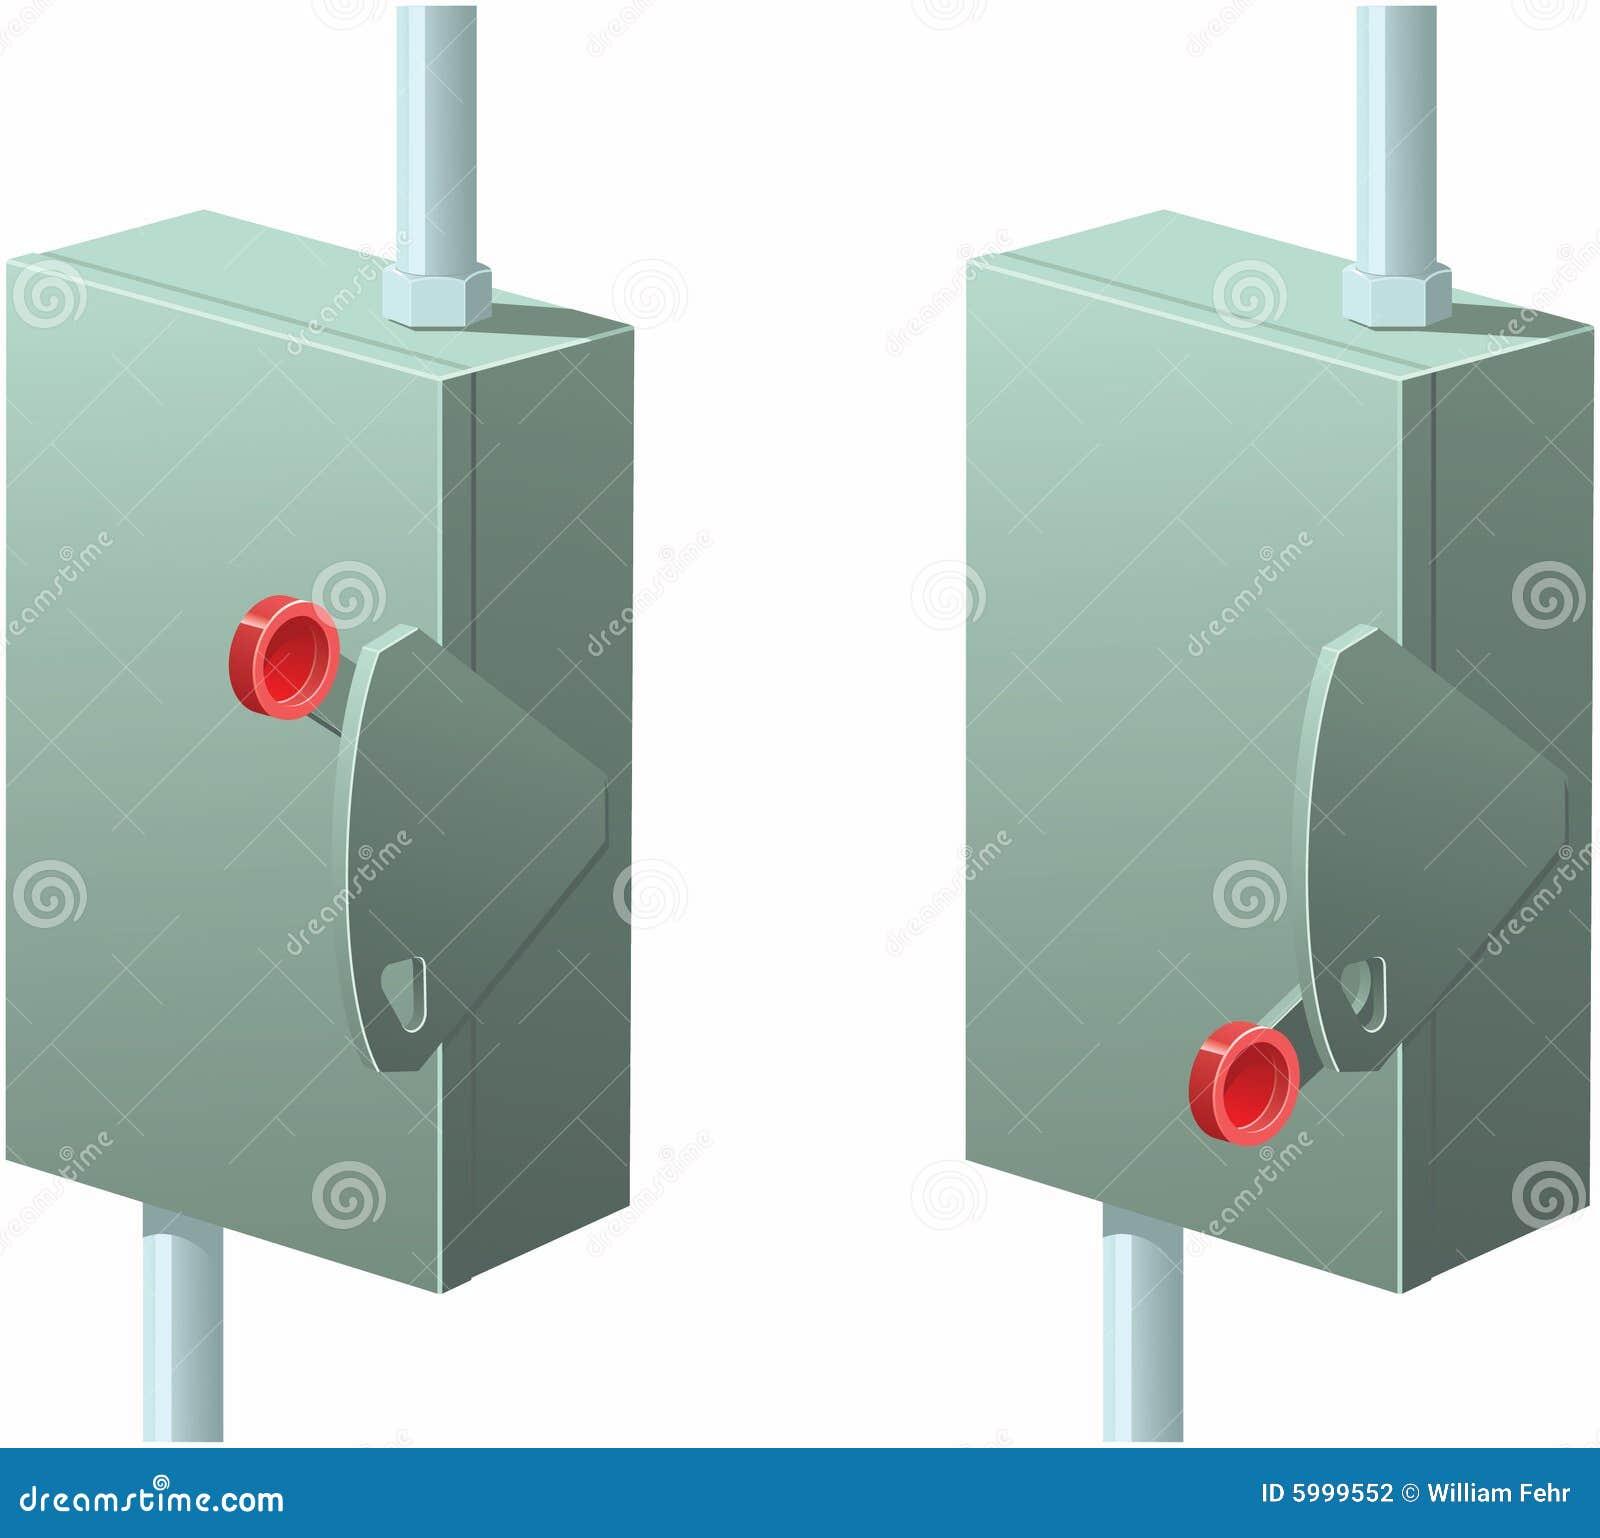 Caixa elétrica com shutoff